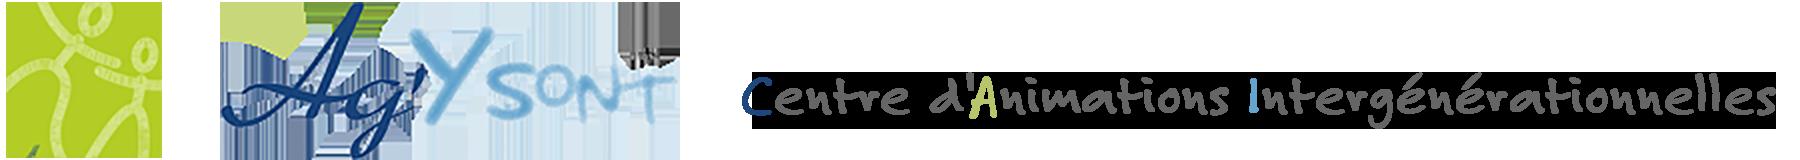 Ag 'Y Sont asbl – Centre d'animations intergénérationnelles Retina Logo